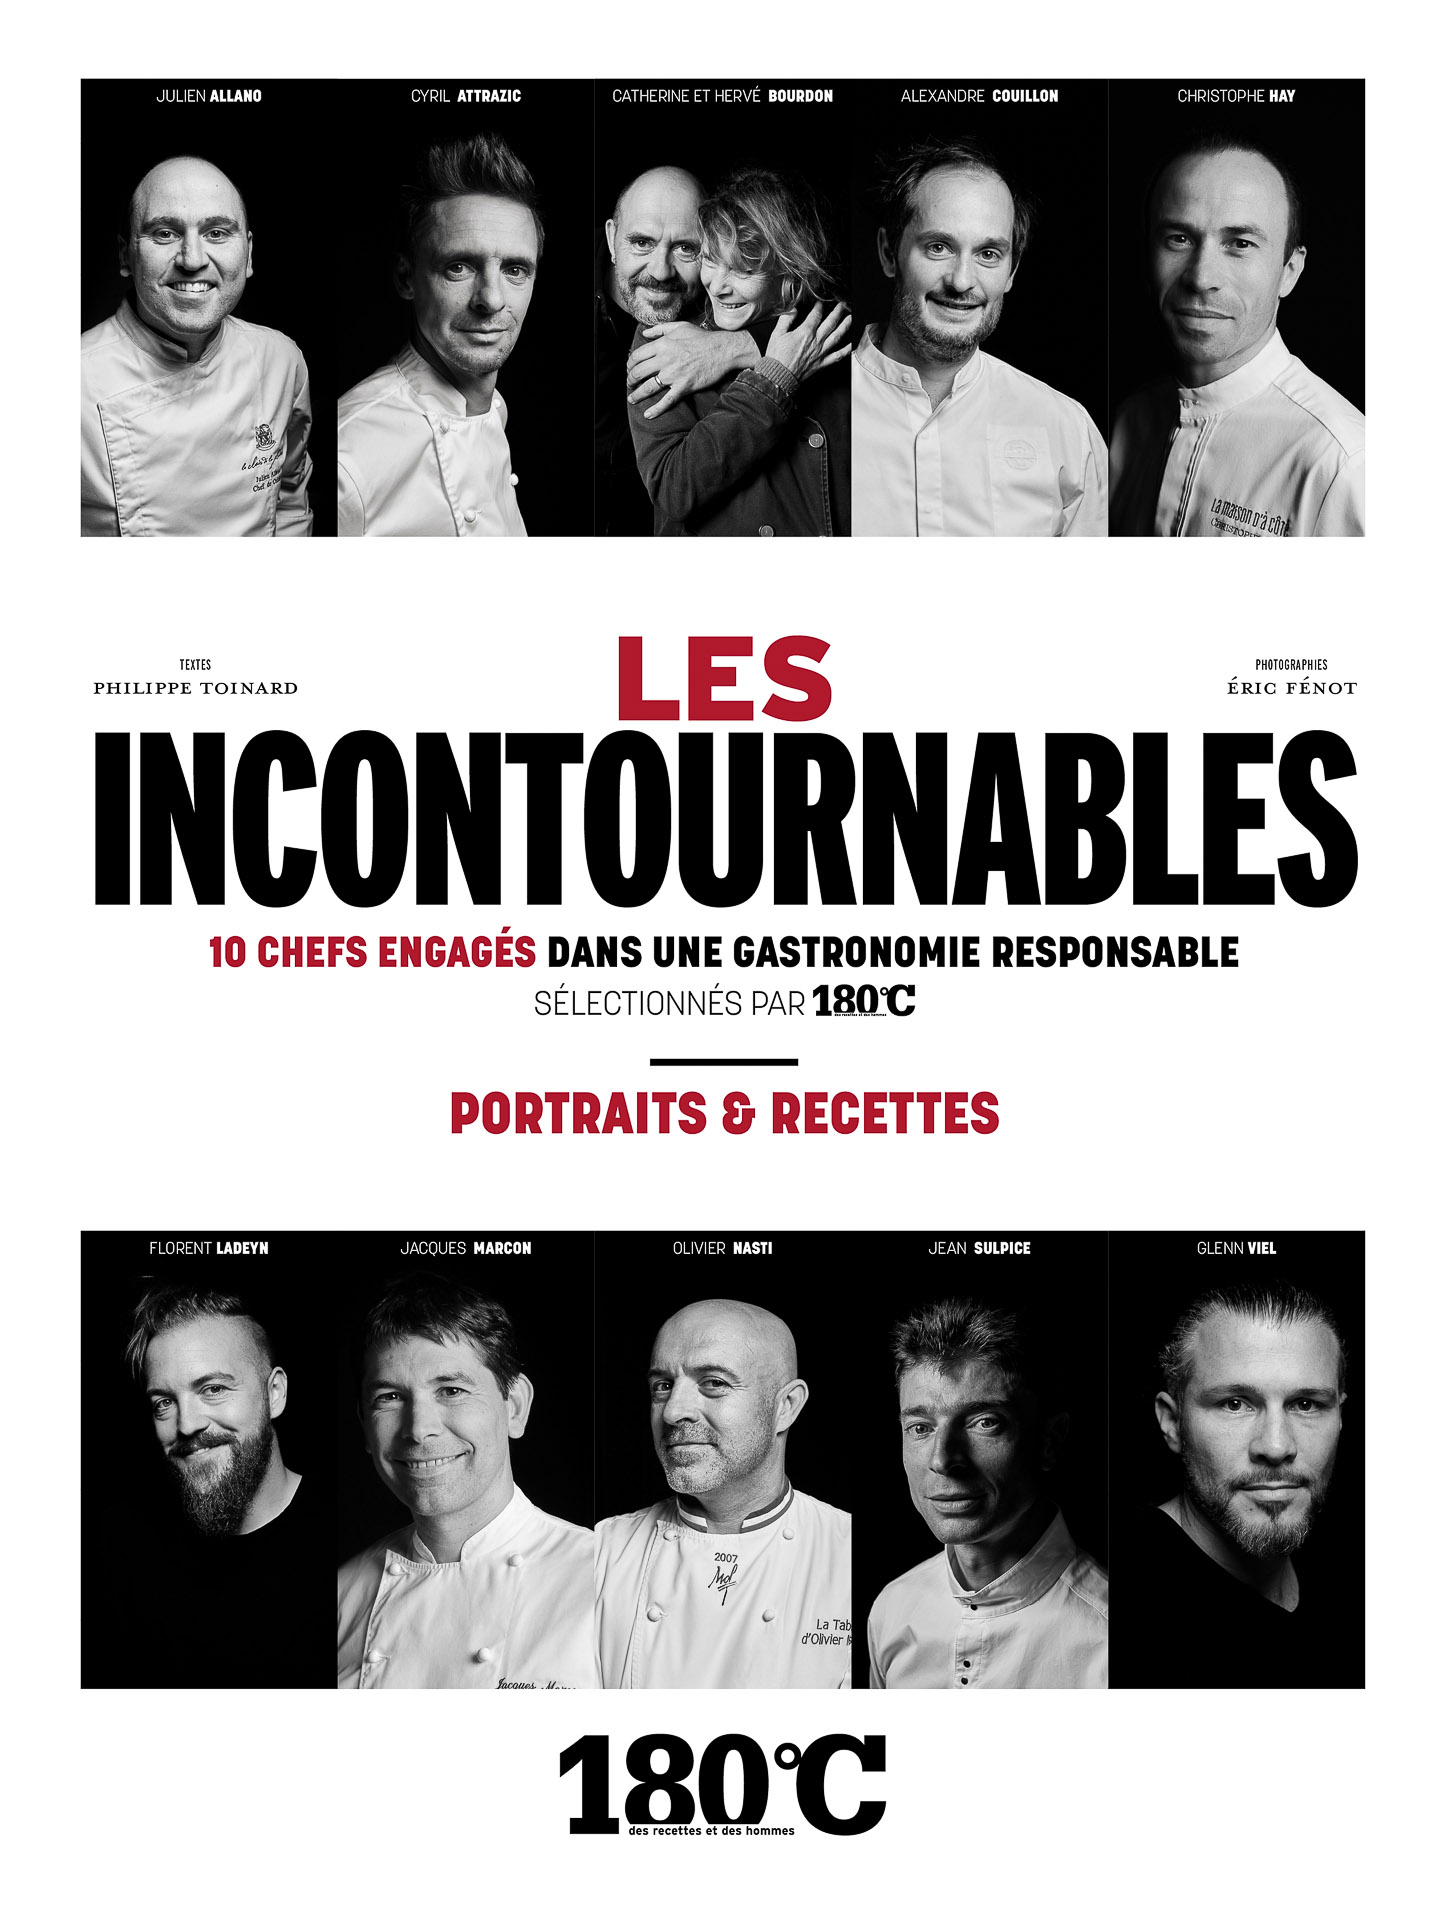 Les Incontournables : 10 chefs engagés dans une gastronomie responsable sélectionnés par 180°C